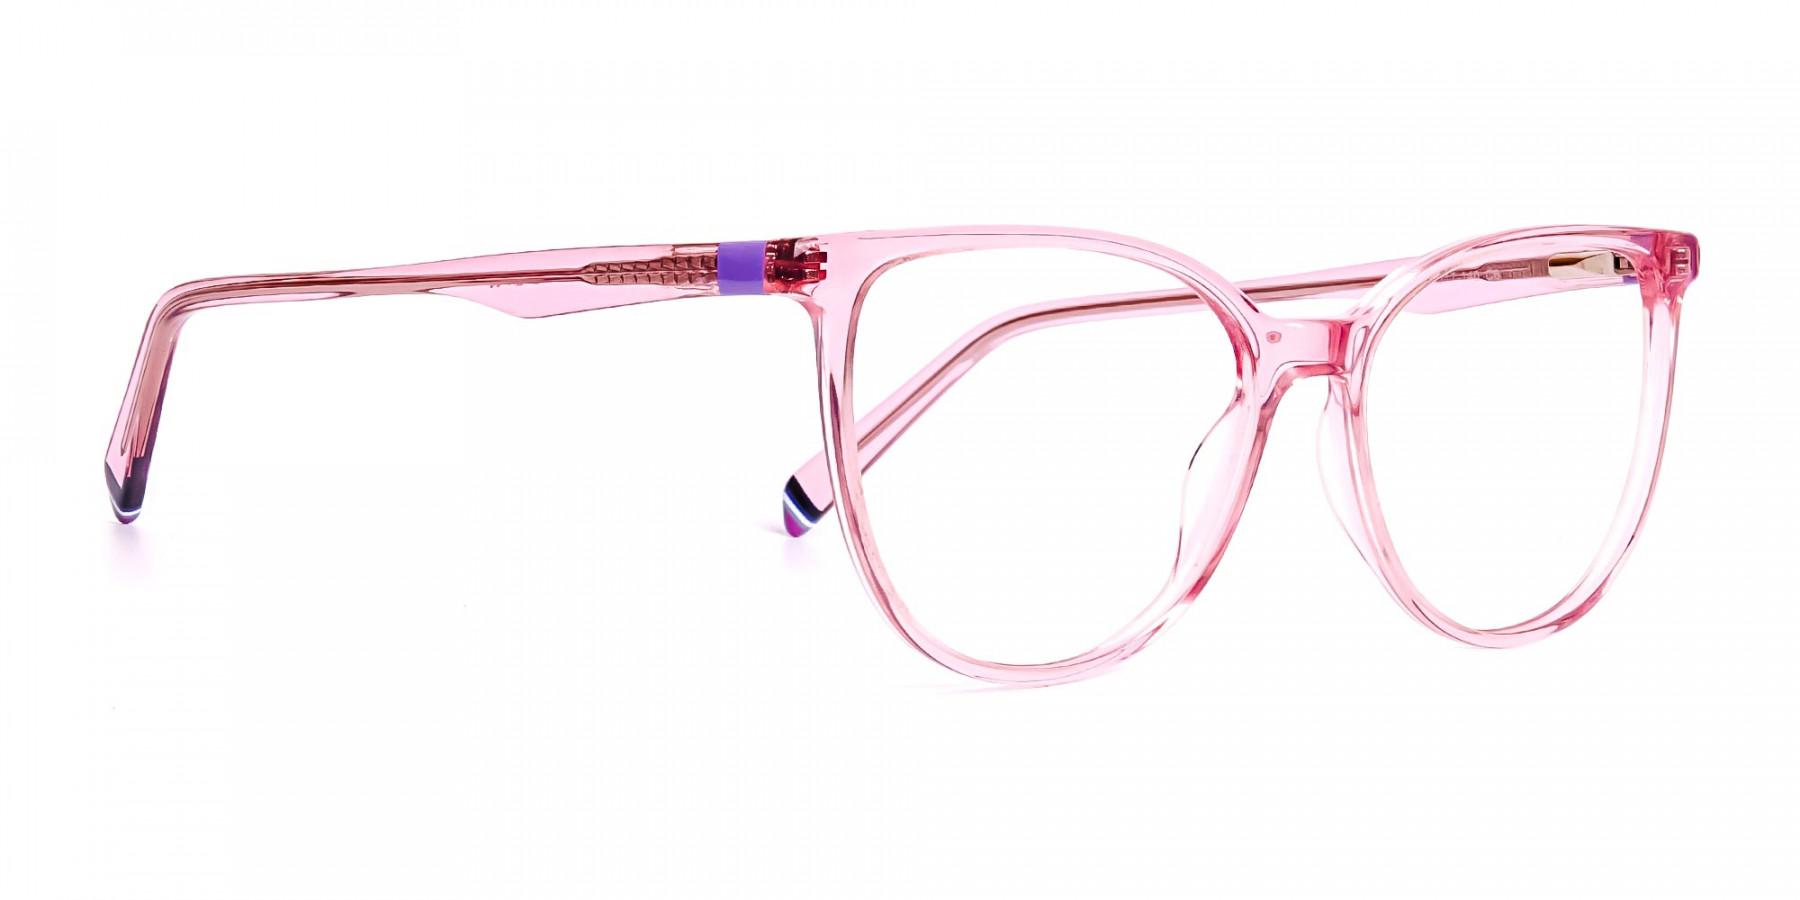 Crystal-Pink-transparent-Cat-eye-Glasses-Frames-1